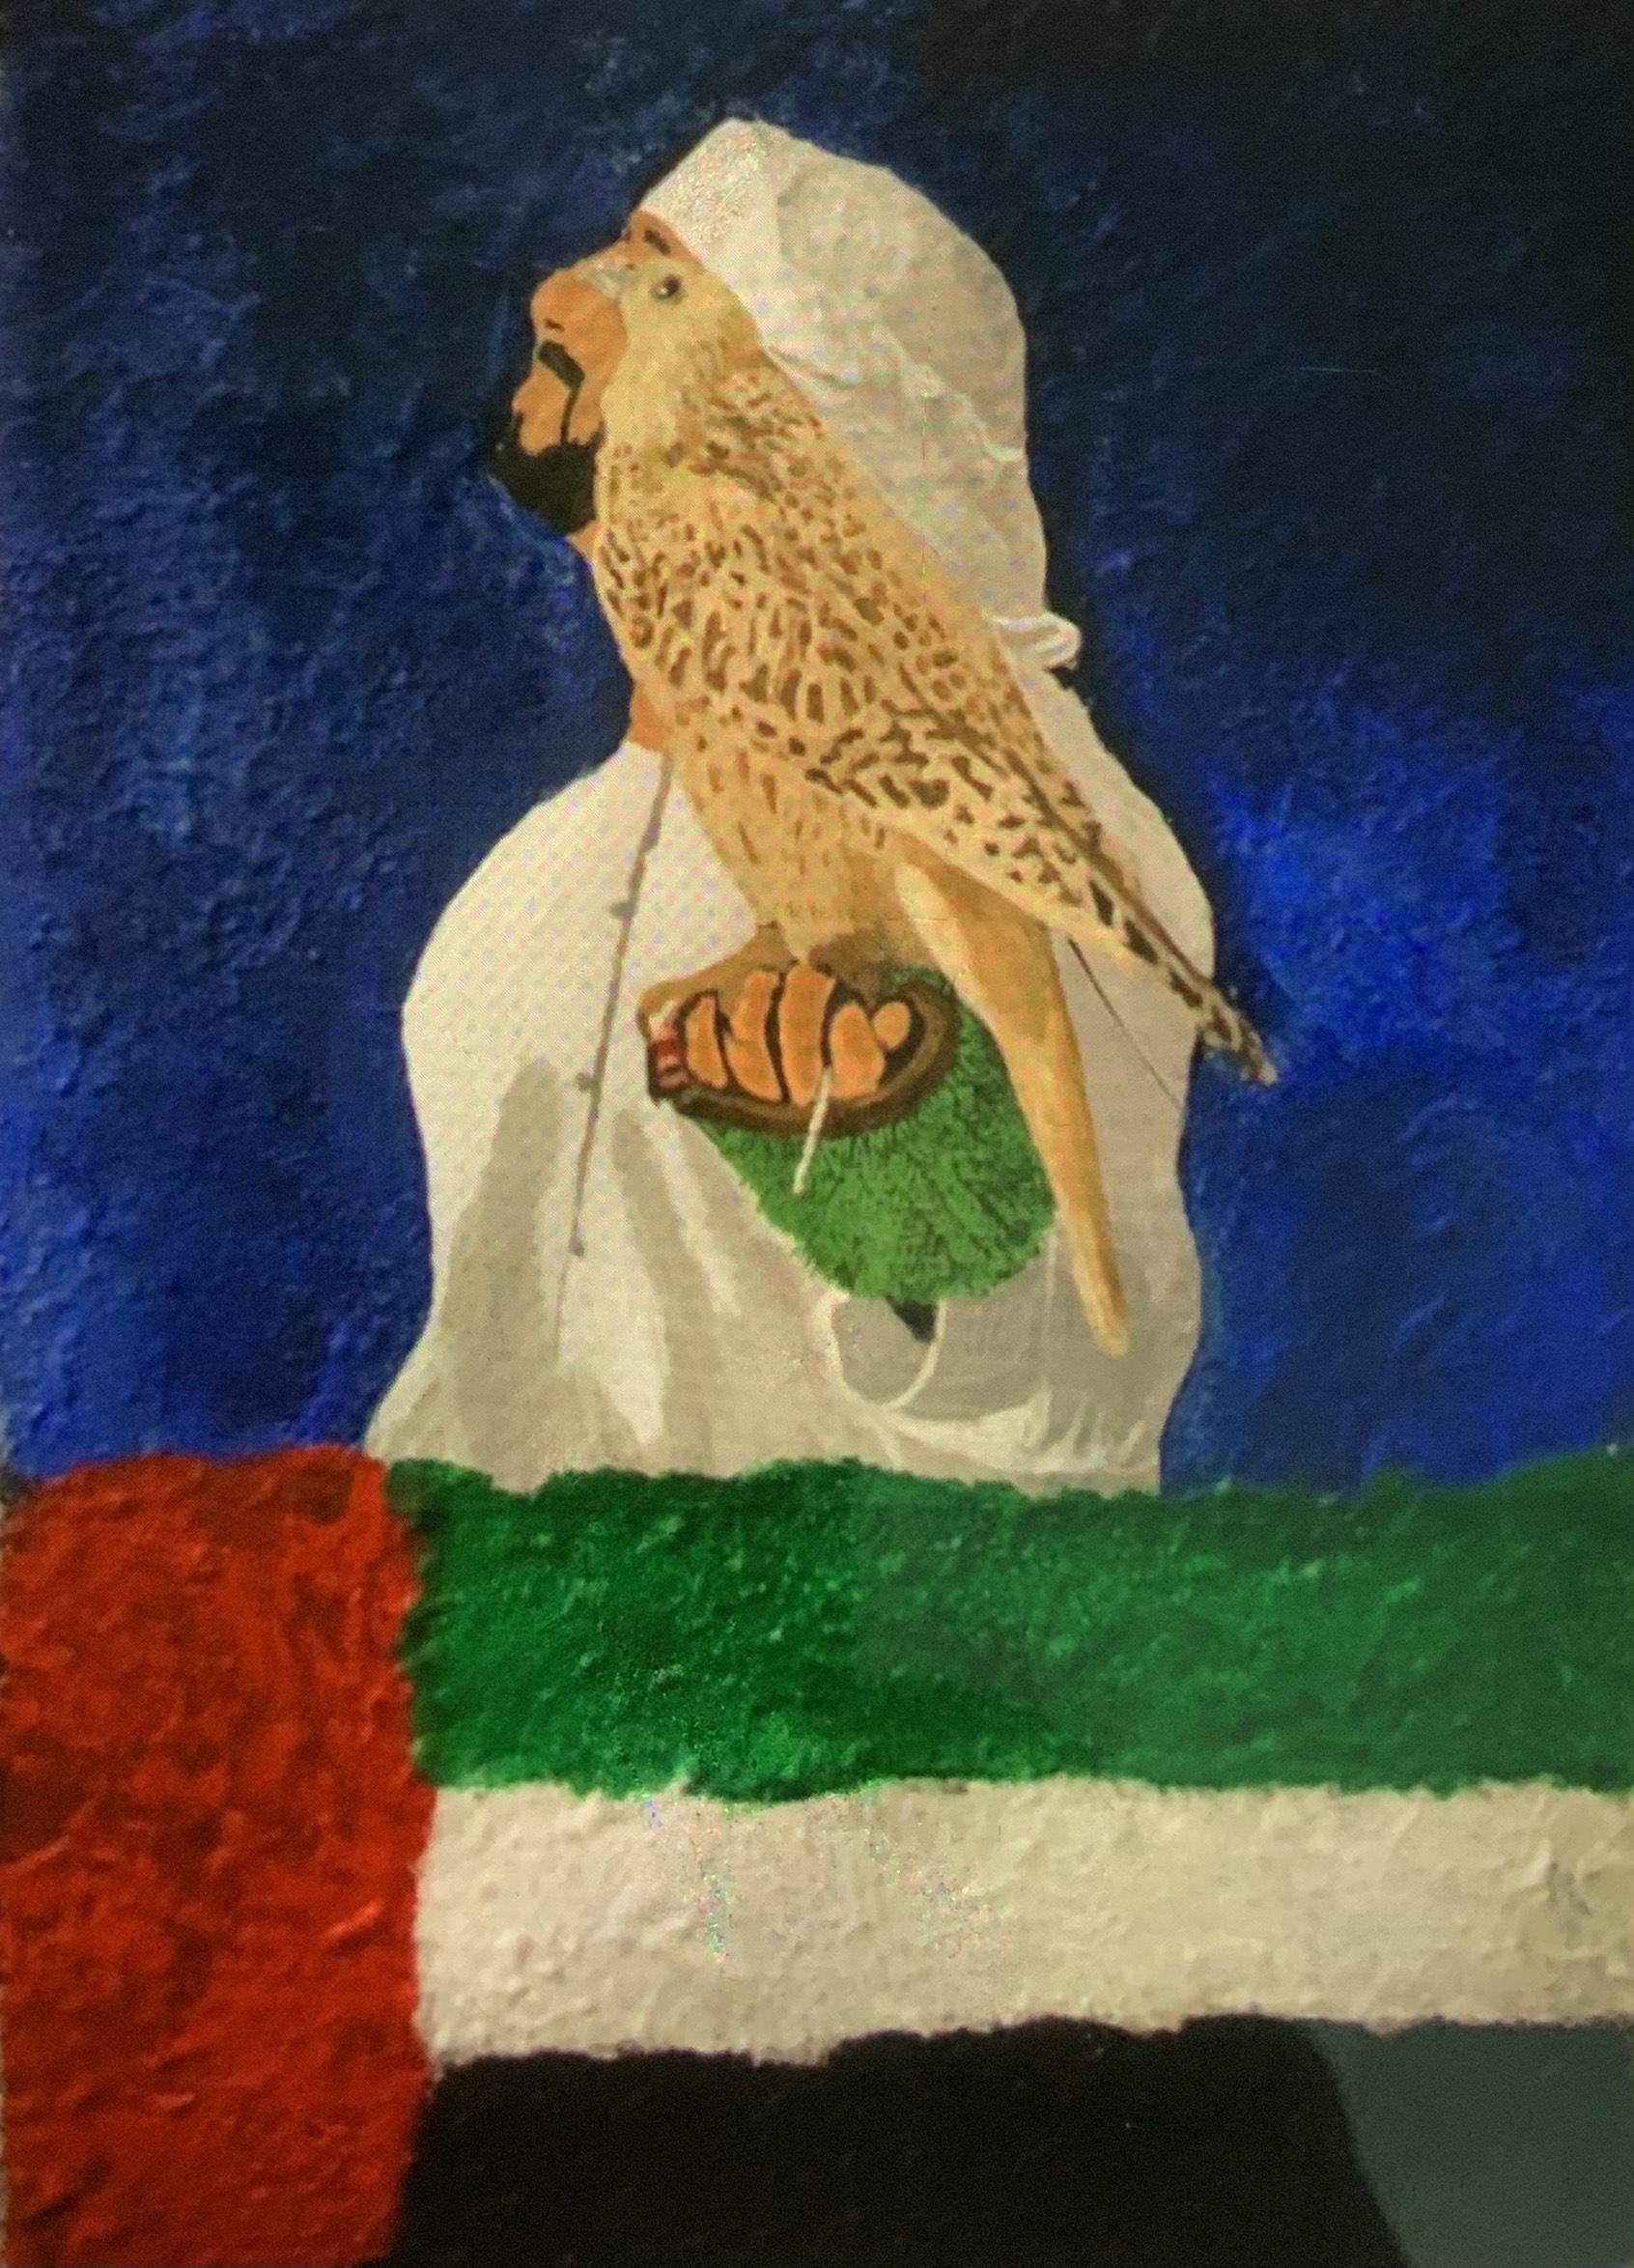 UAE art in nature by Syeda Fatima Naqvi